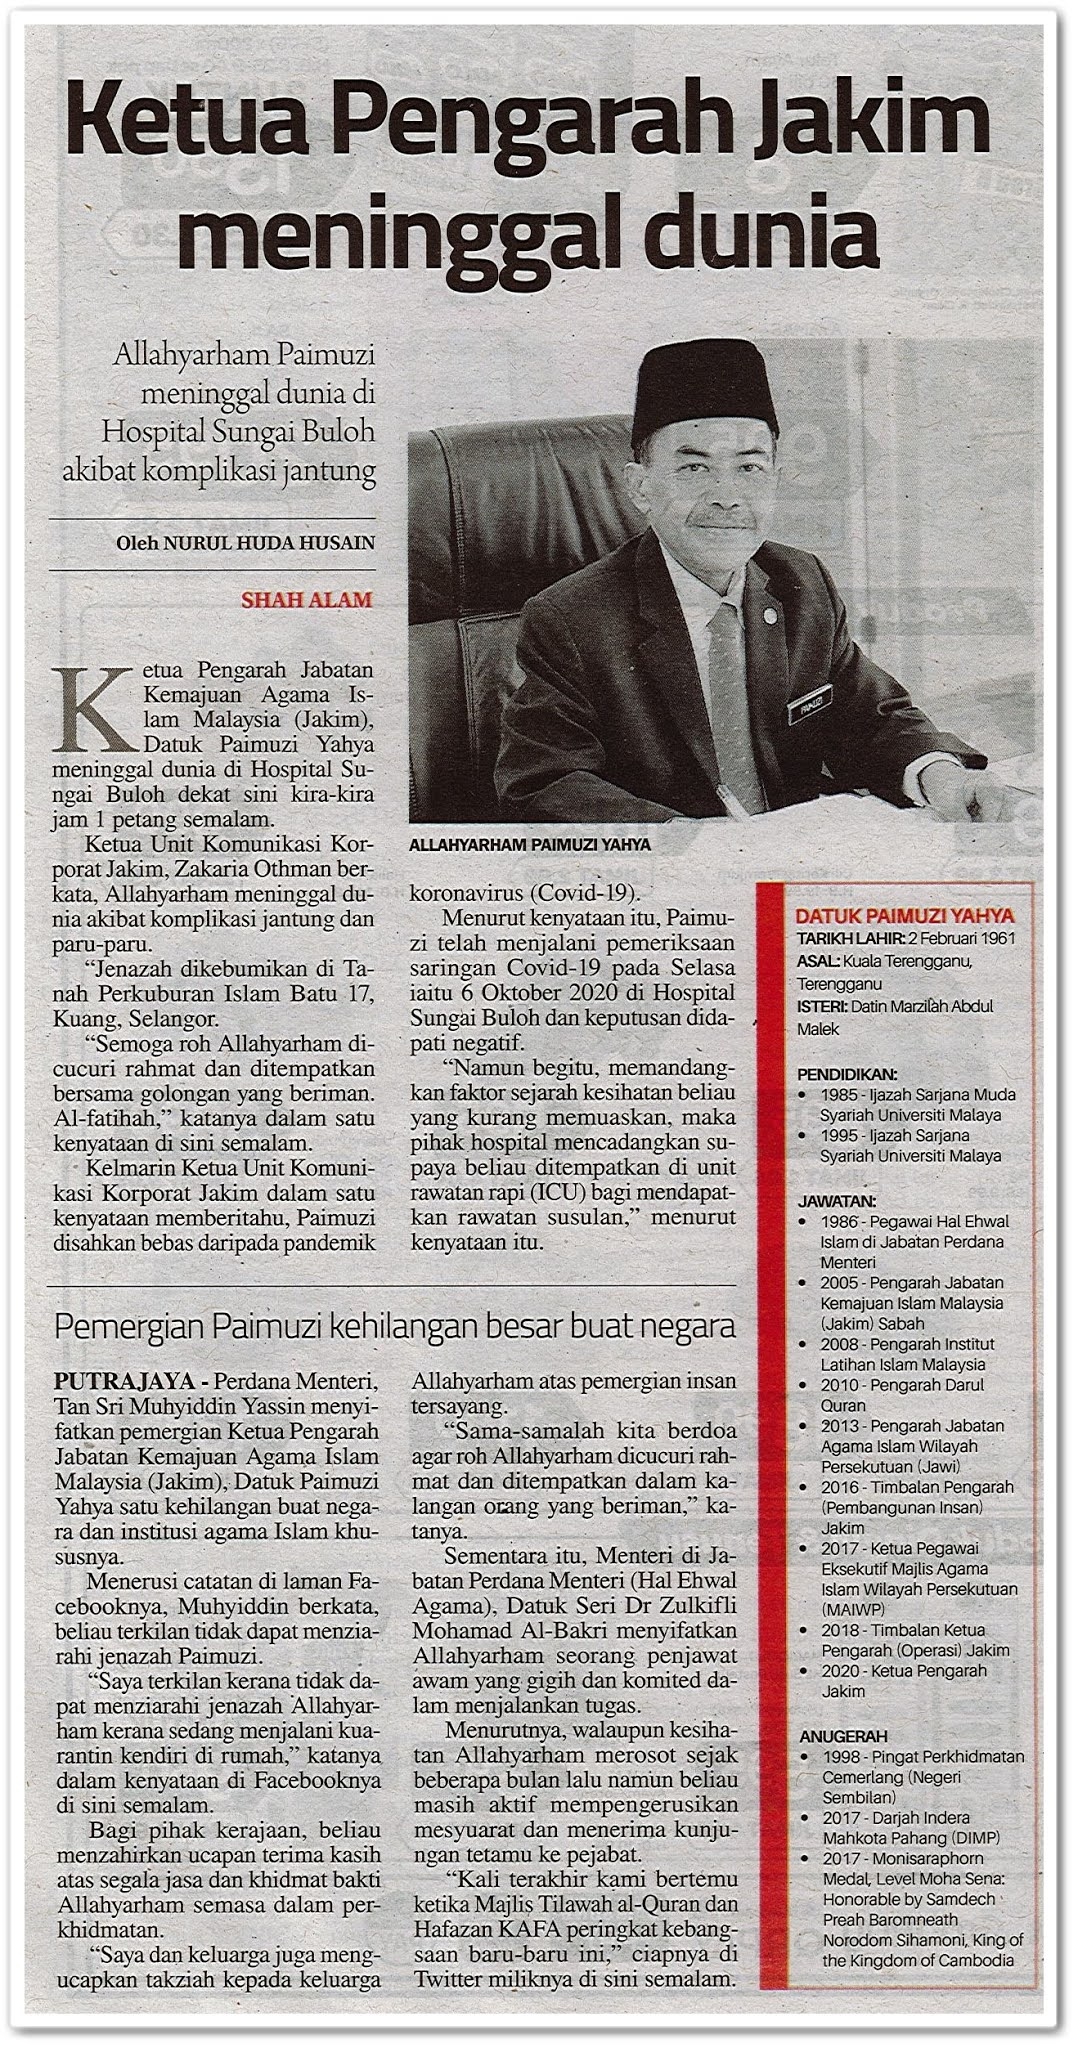 Ketua Pengarah JAKIM meninggal dunia - Keratan akhbar Sinar Harian 9 Oktober 2020